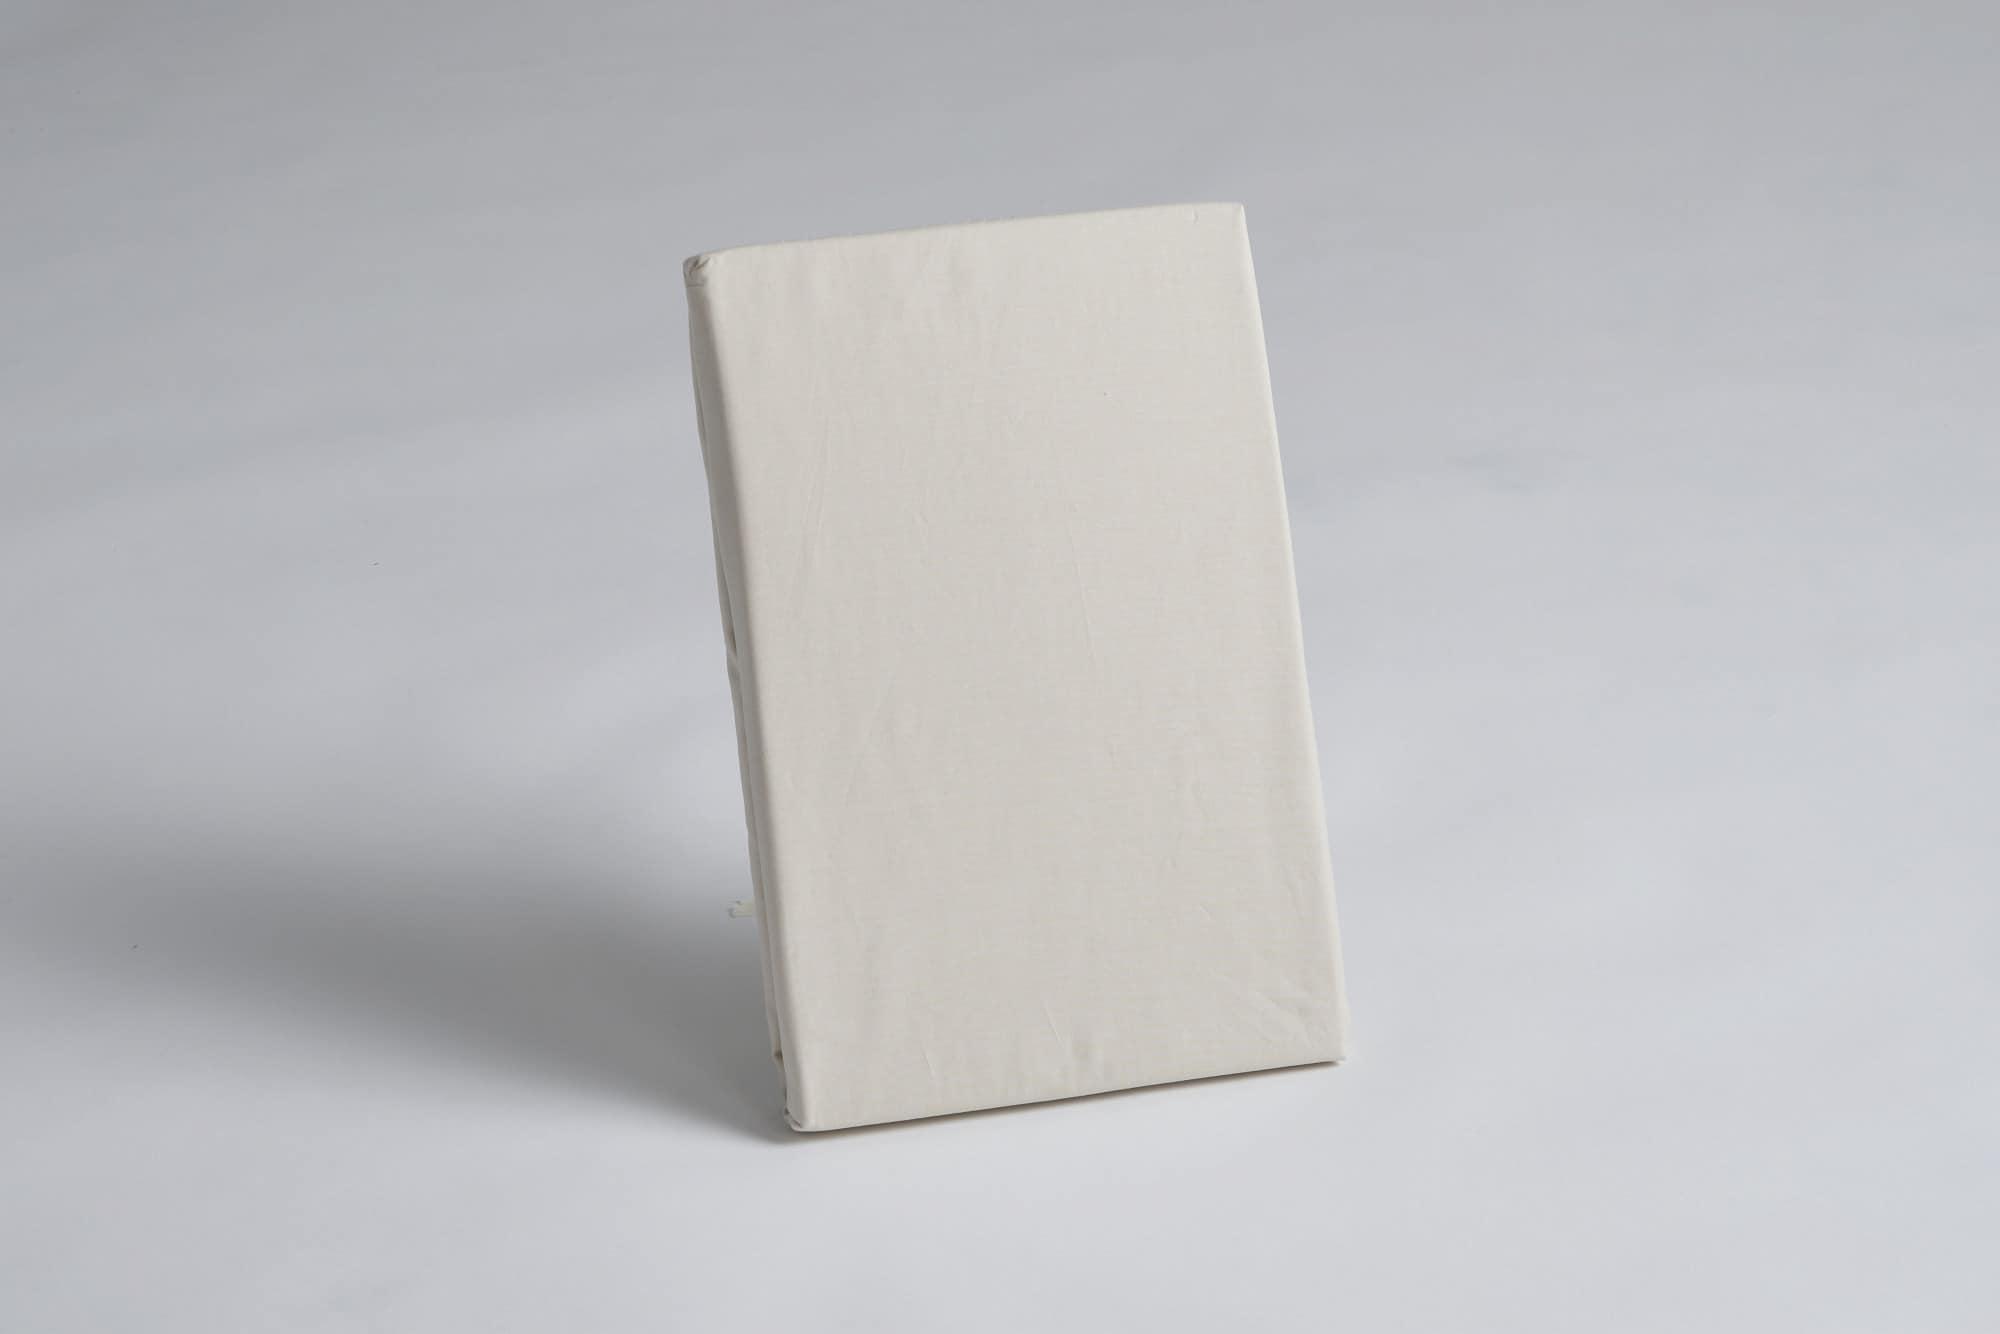 ボックスシーツ セミダブル用 30H ナチュラル